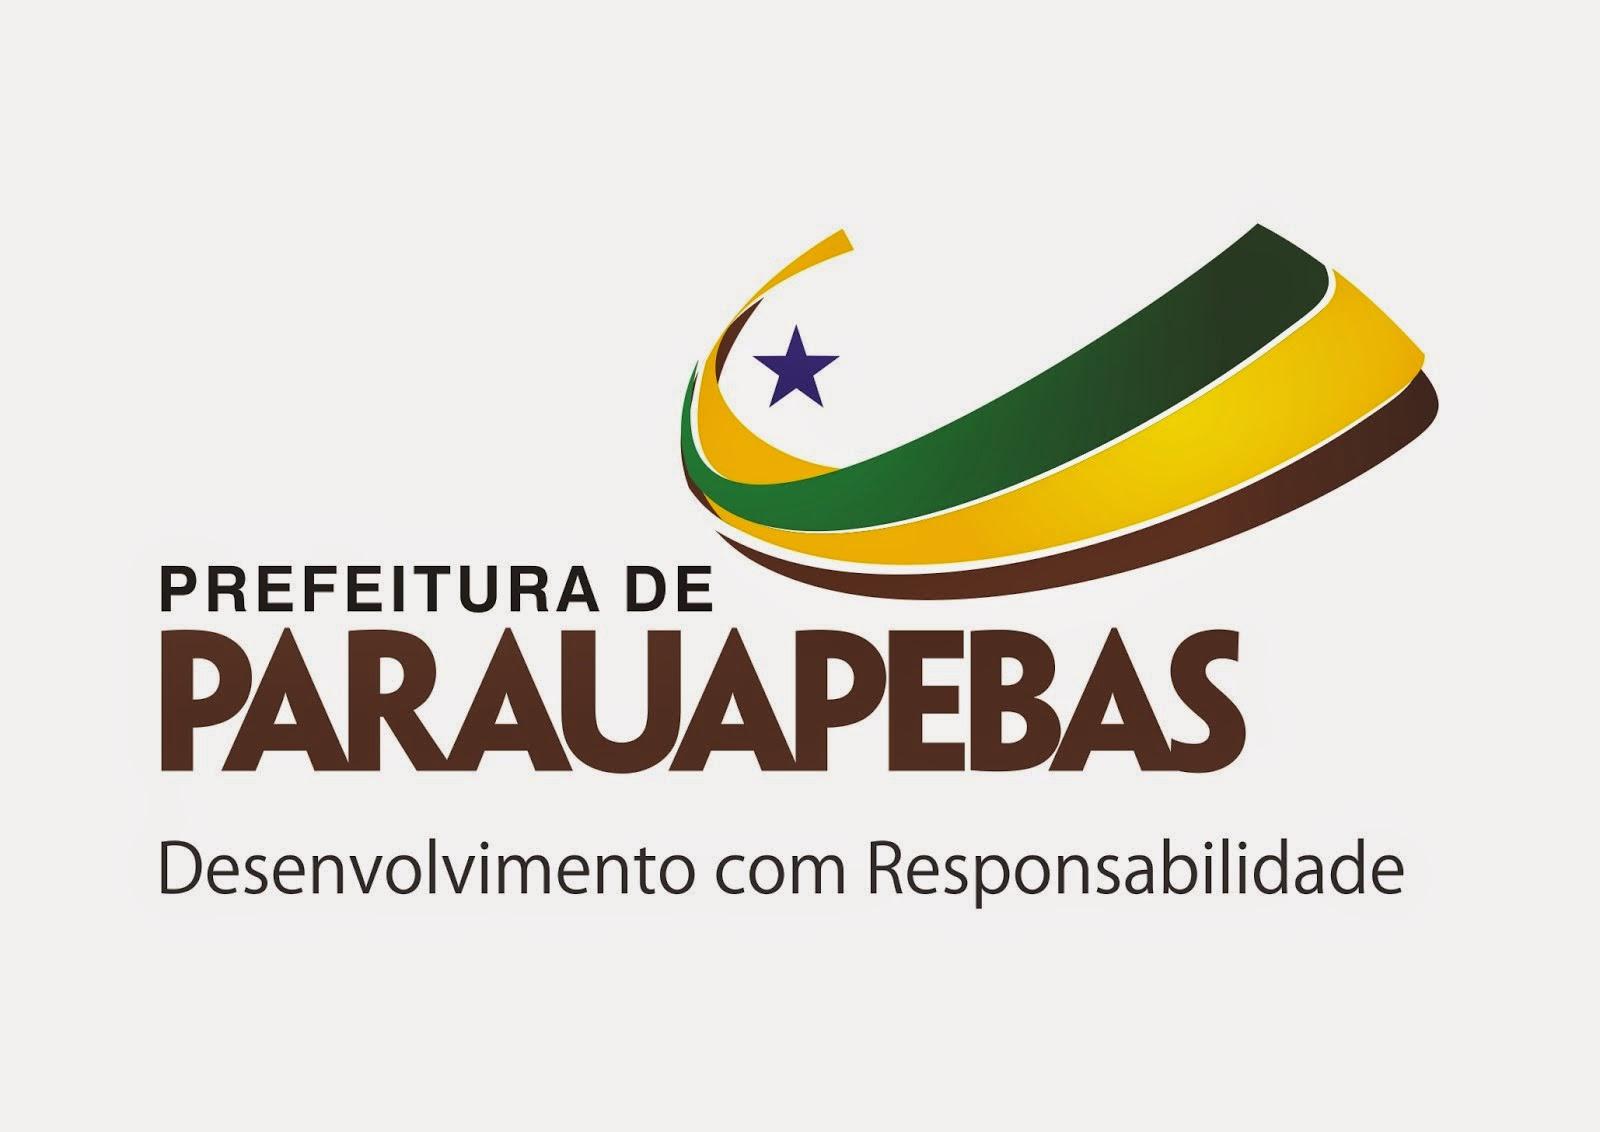 MUNICÌPIO DE PARAUAPEBAS